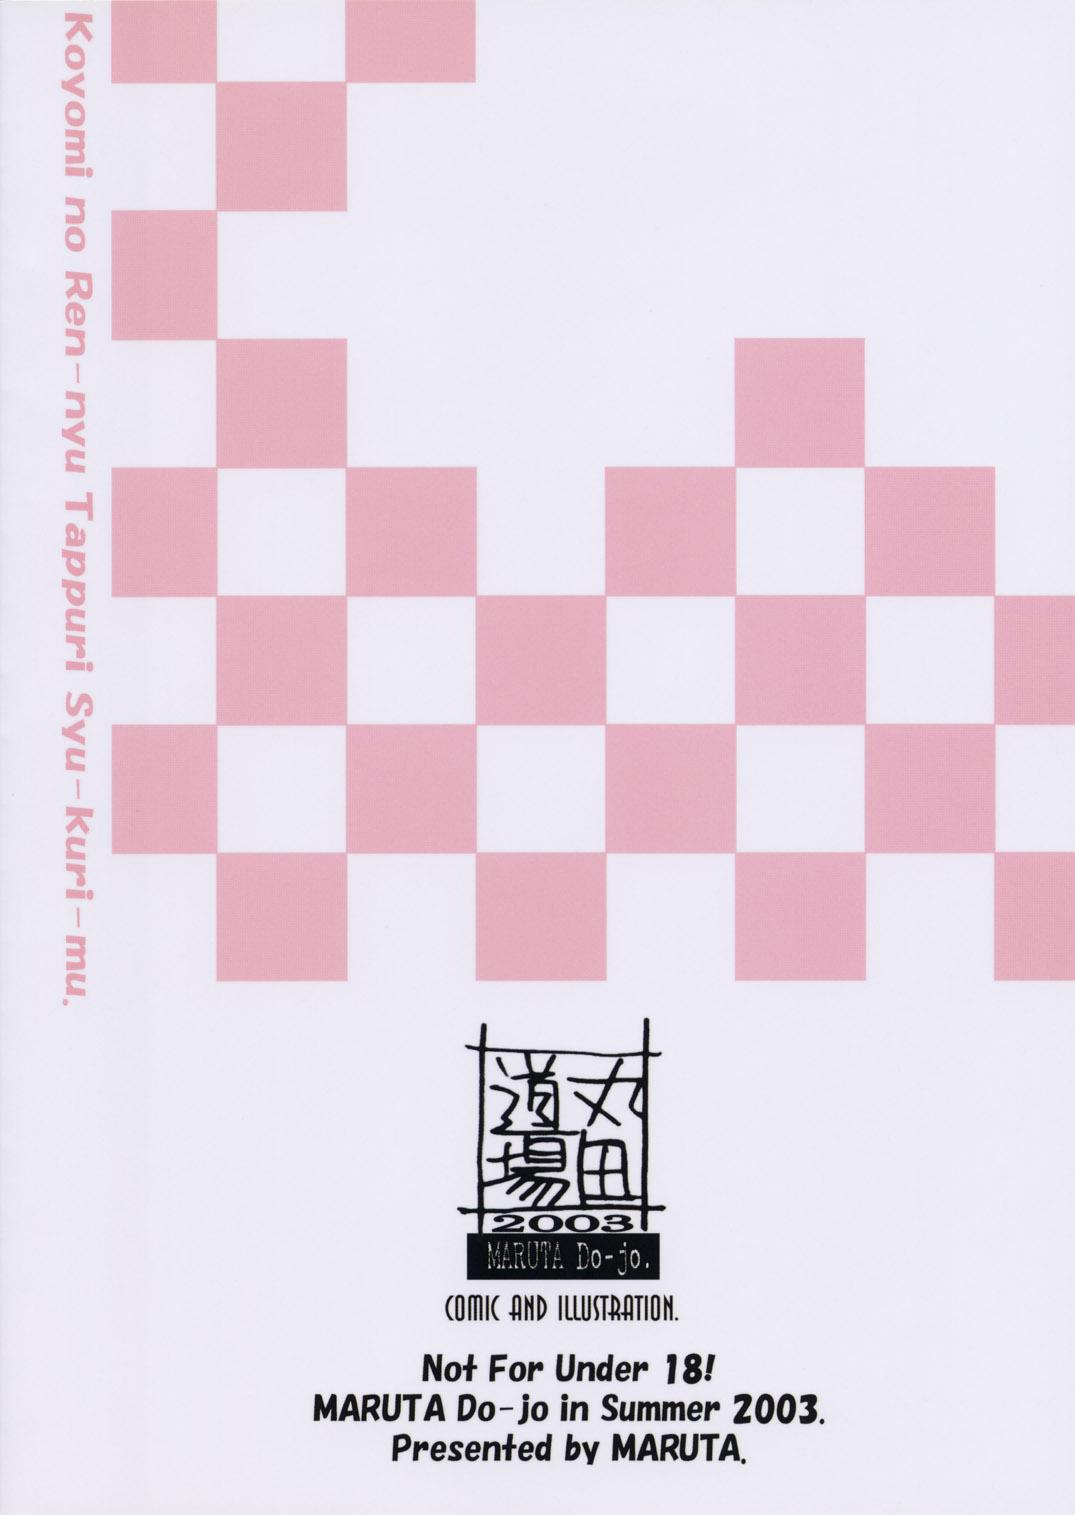 (C64) [MARUTA-DOJO (MARUTA)] Koyomi no Ren-nyu Tappuri Syu-Kuri-mu (Azumanga-Daioh) 27